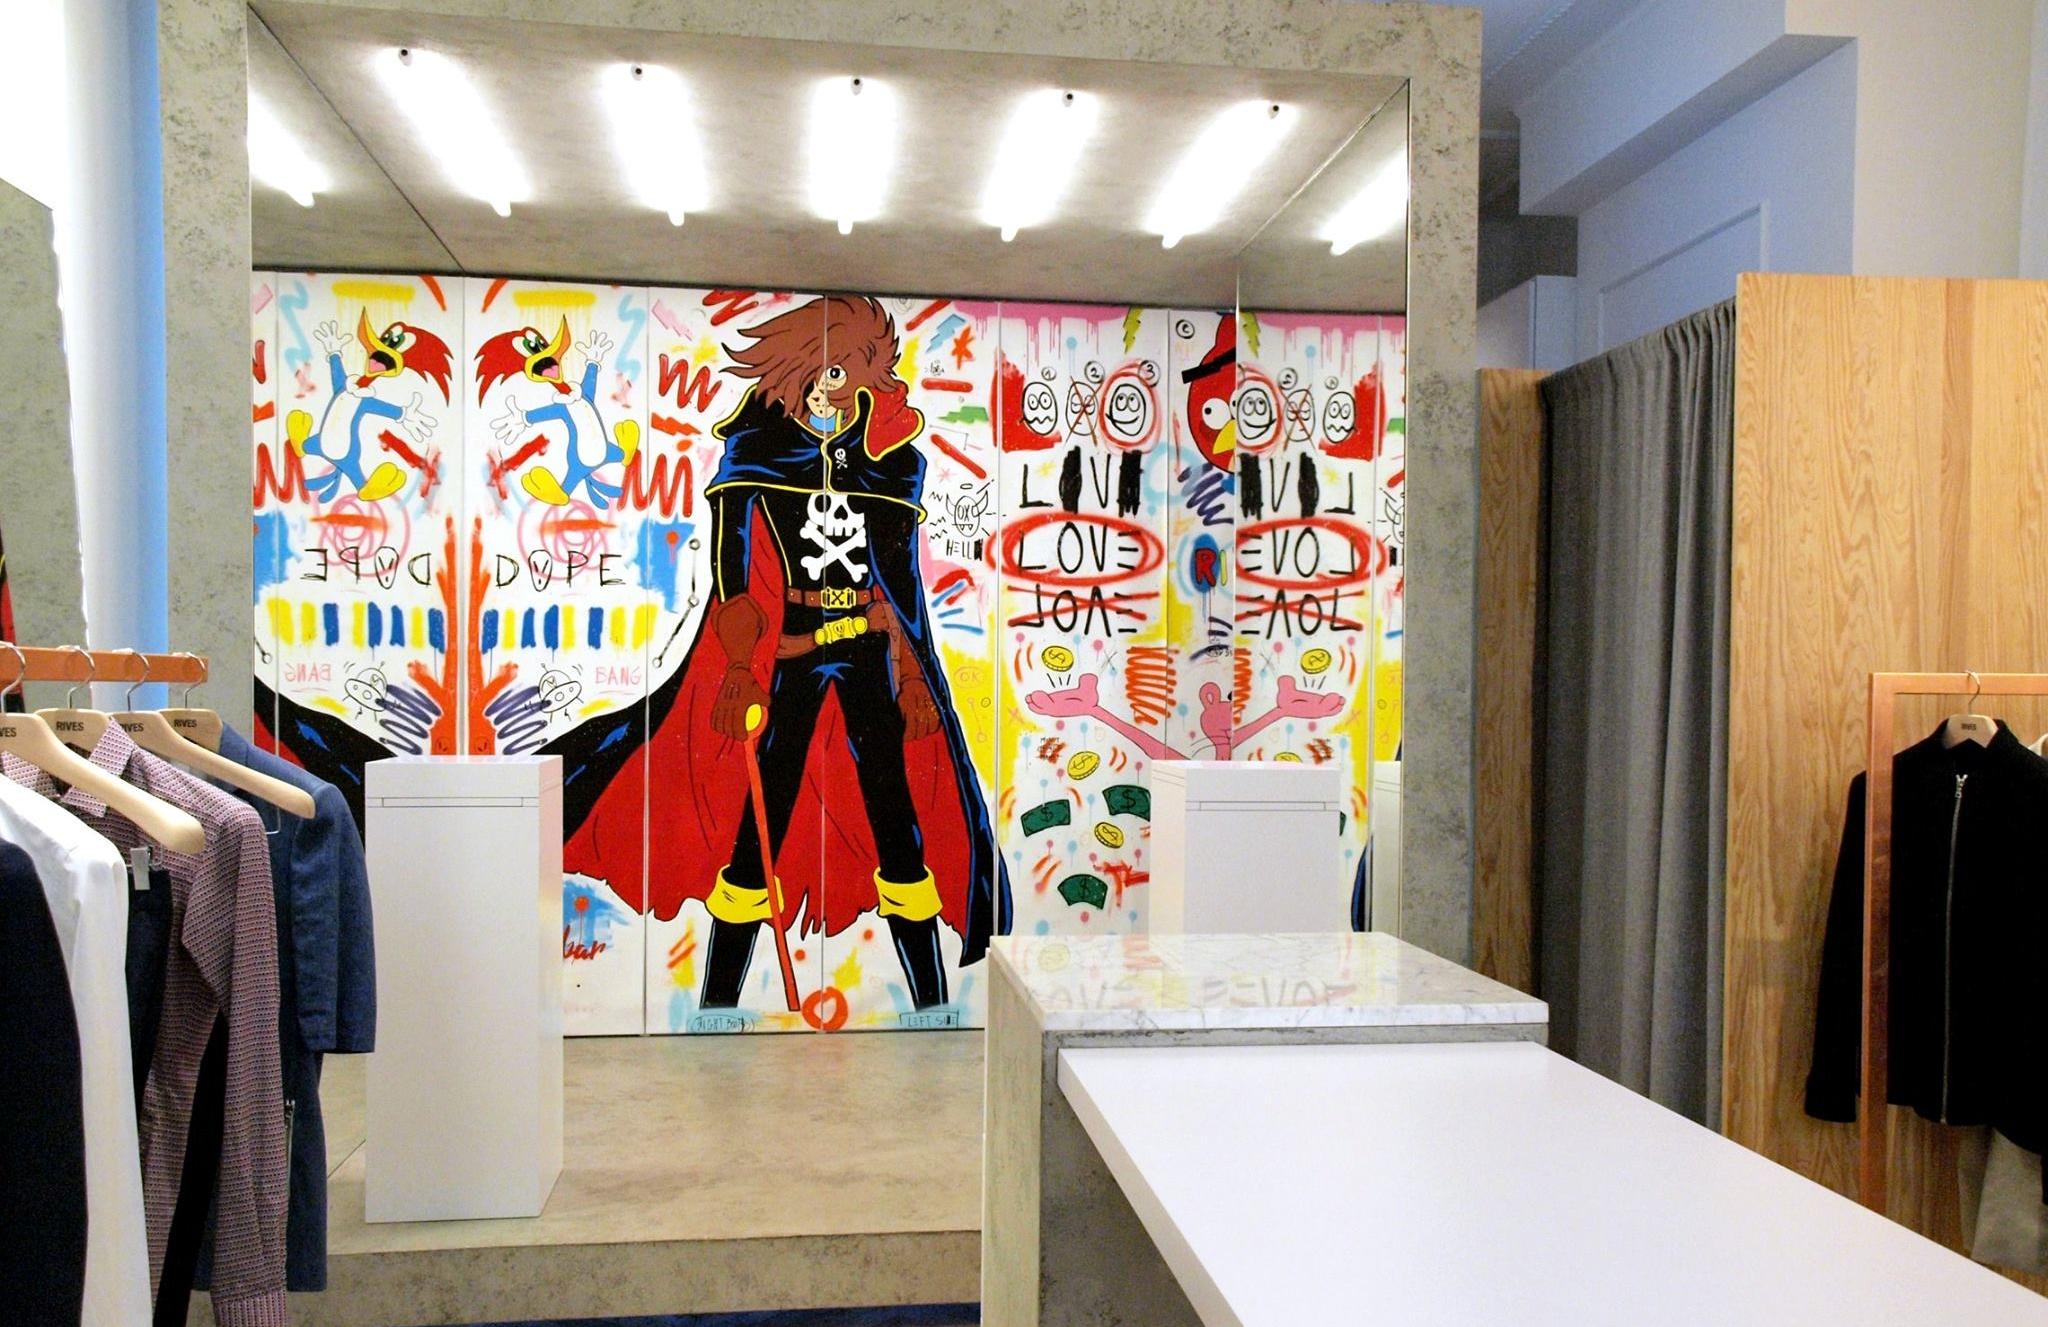 Oeuvre in-situ pour la boutique RIVES Paris 08 - 2016 - 350x300cm - Acrylique, bombe sur toile